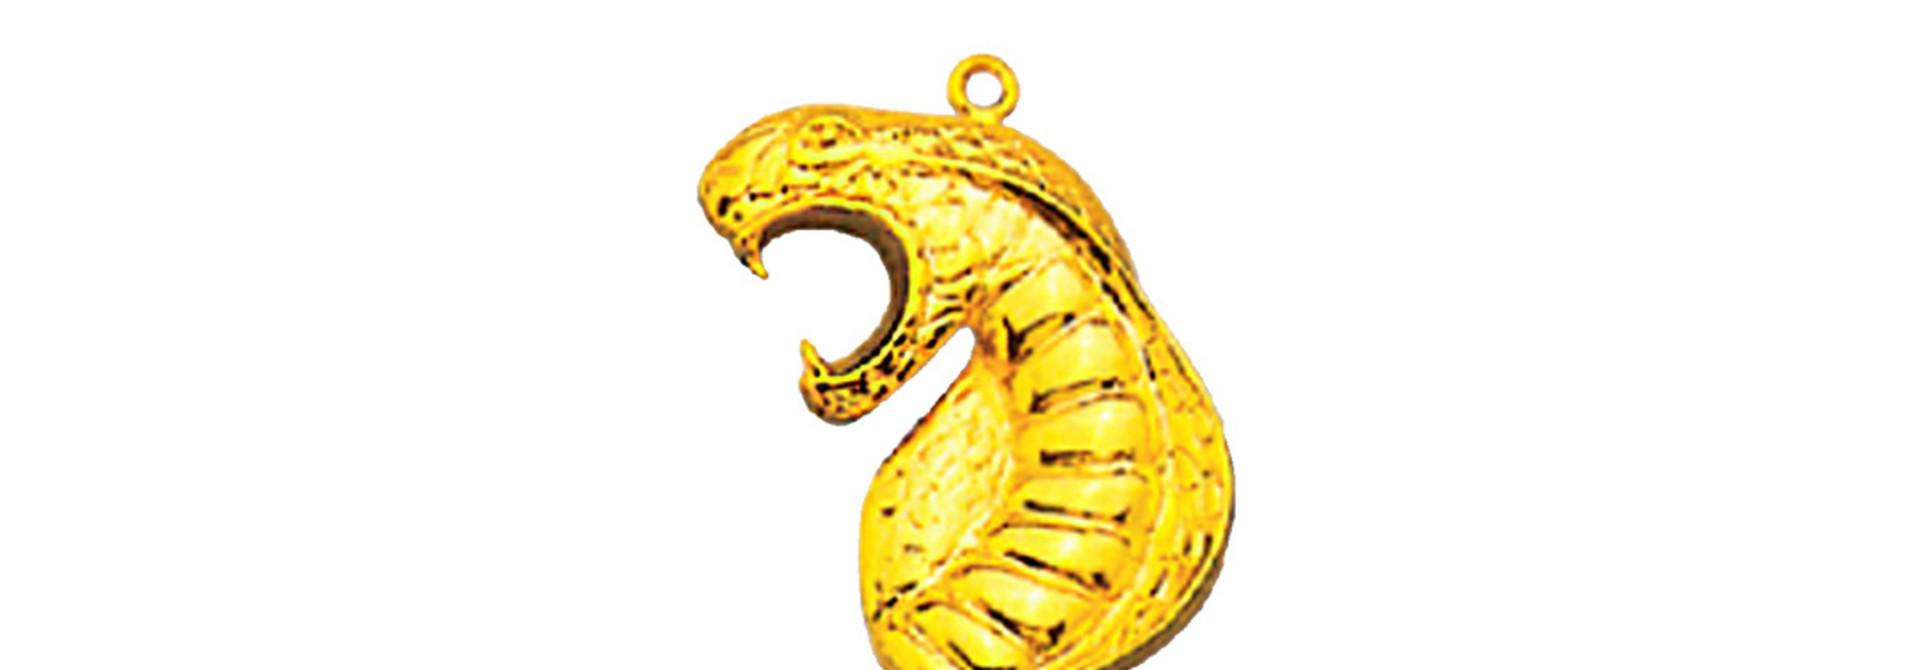 Cobra snake hanger